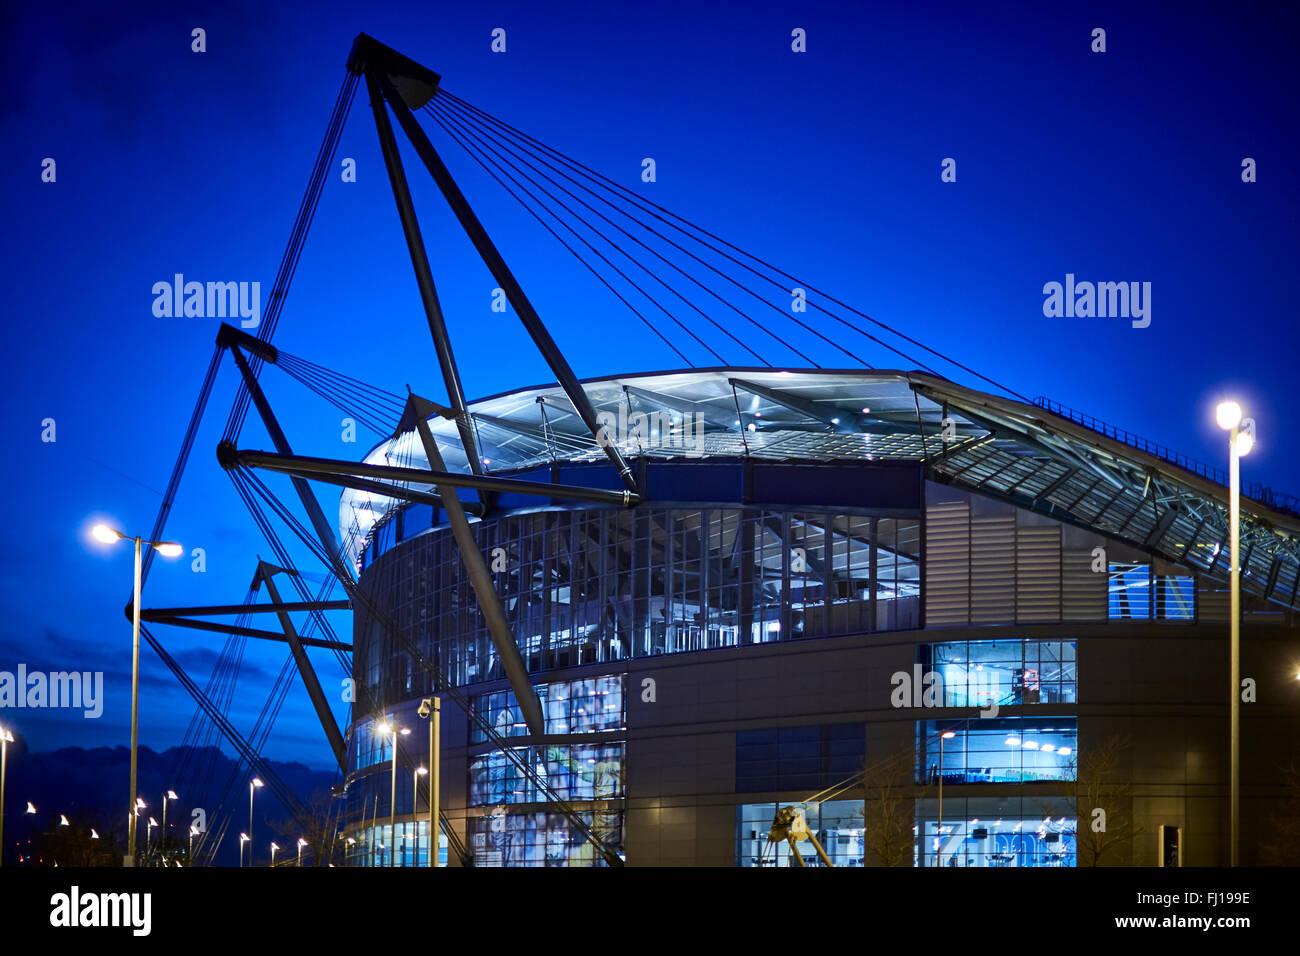 La ville de Manchester Stadium de Manchester, Angleterre, également connu sous le nom de Etihad Stadium, est Photo Stock